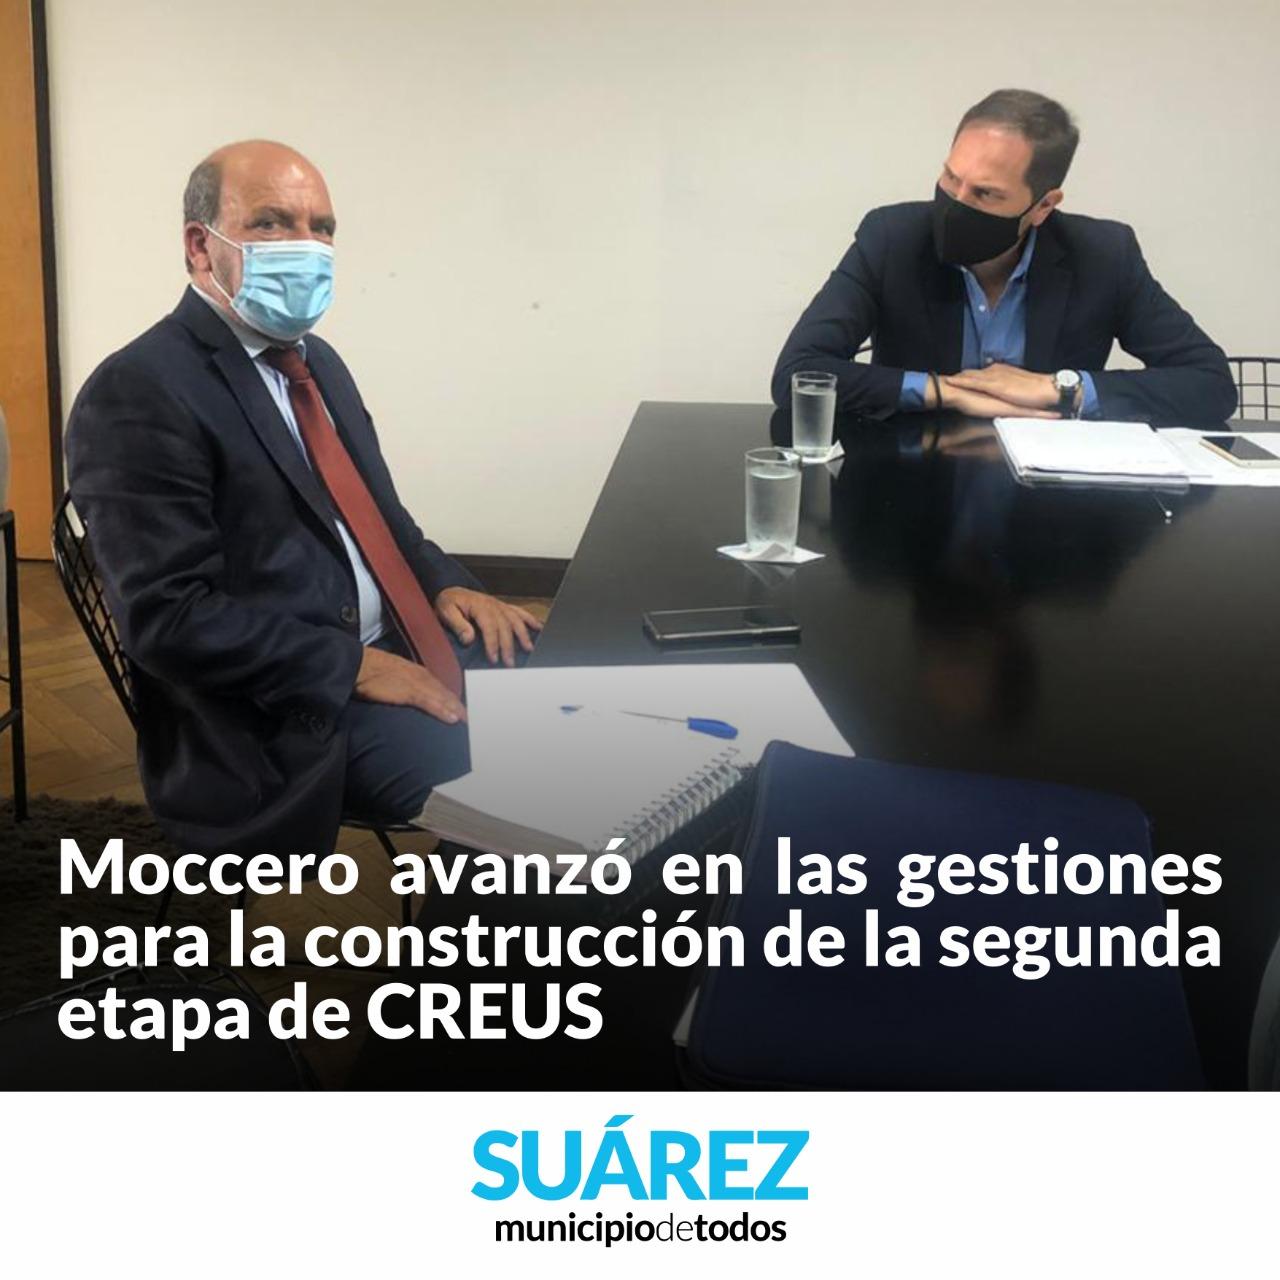 Gestionar es Hacer – Moccero avanzó en las gestiones para la construcción de la segunda etapa de CREUS